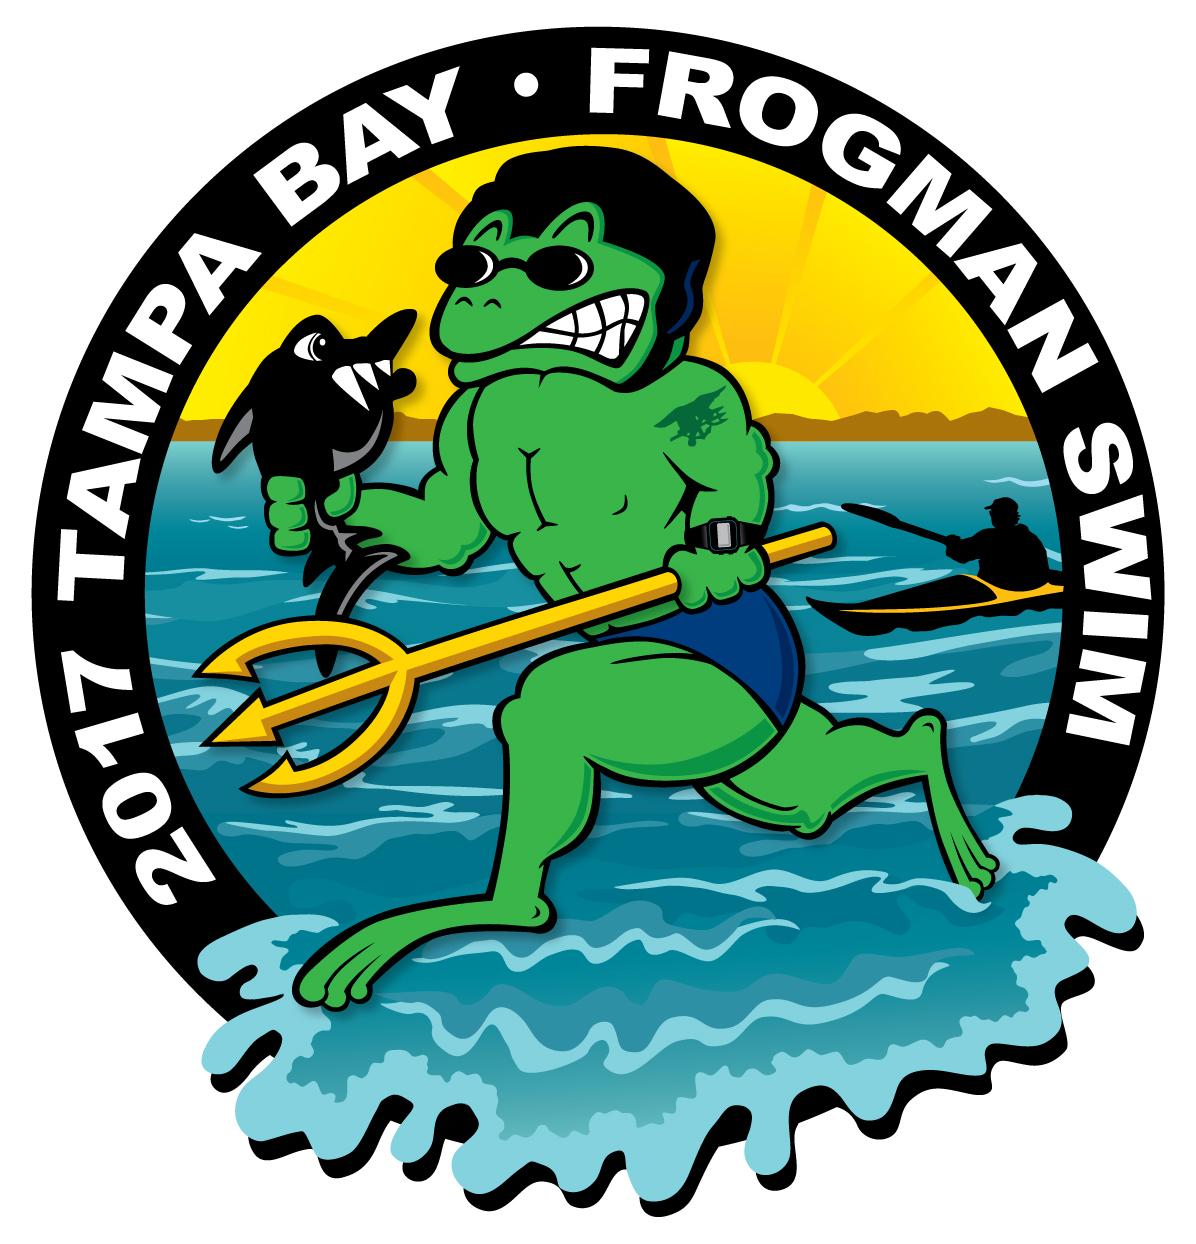 Tampa Bay Frogman Swim.